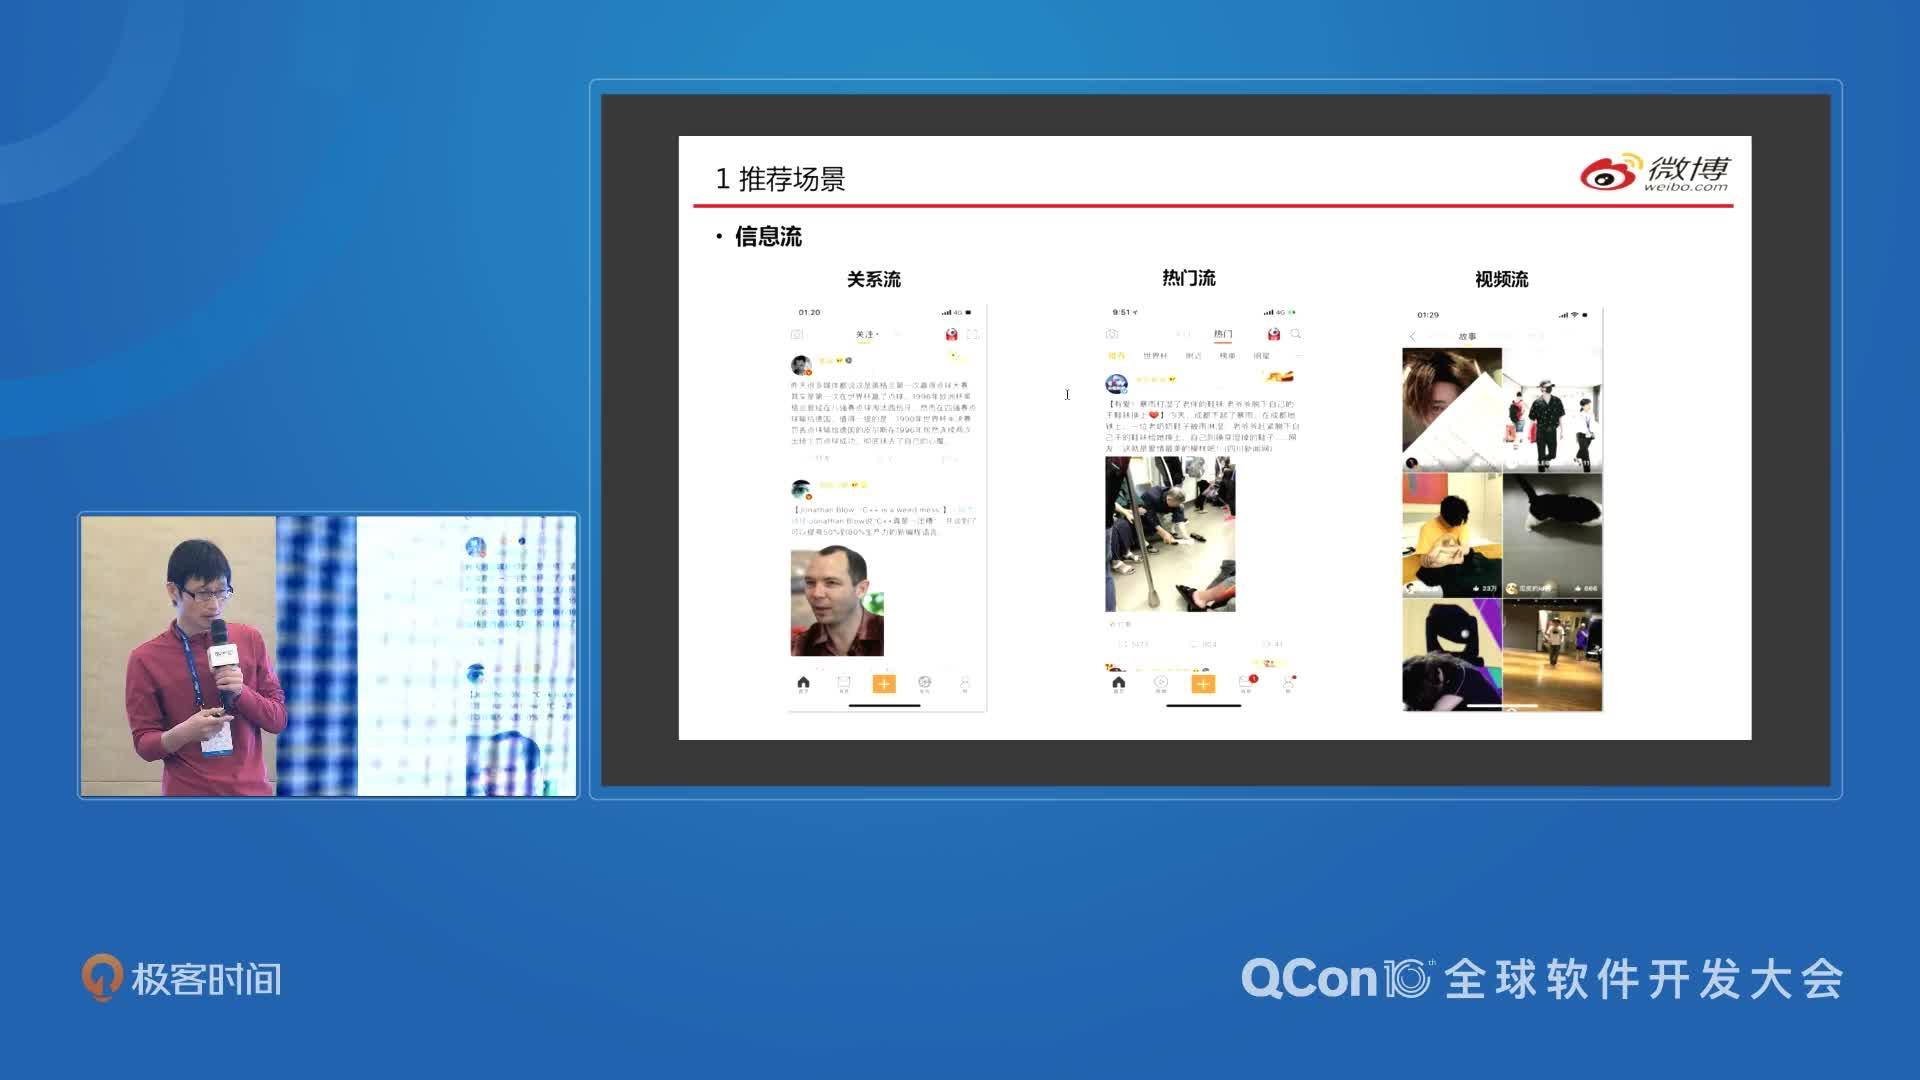 微博在线机器学习和深度学习实践|QCon